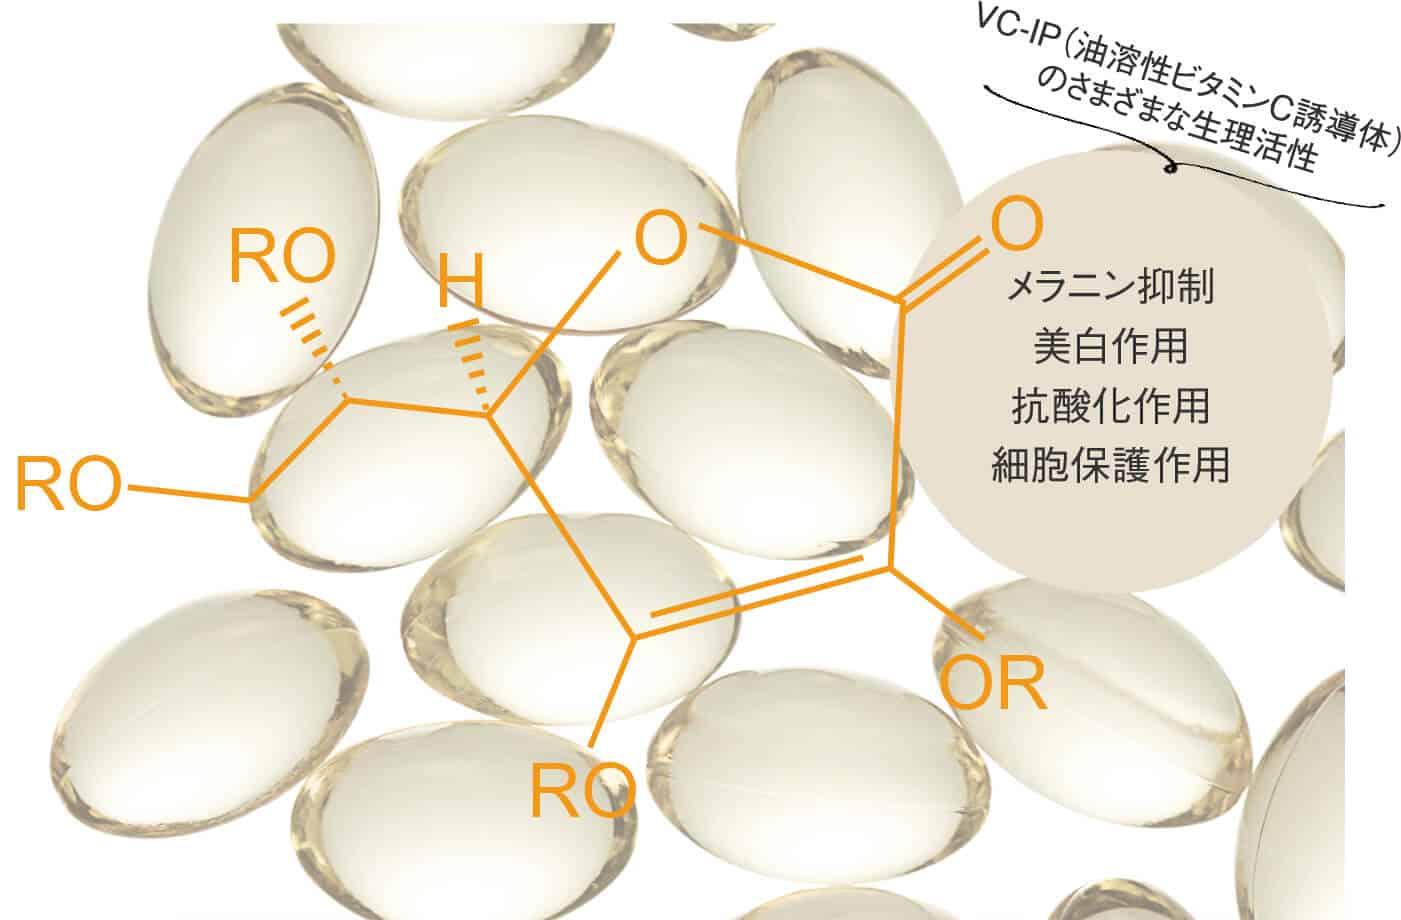 油溶性ビタミンC誘導体